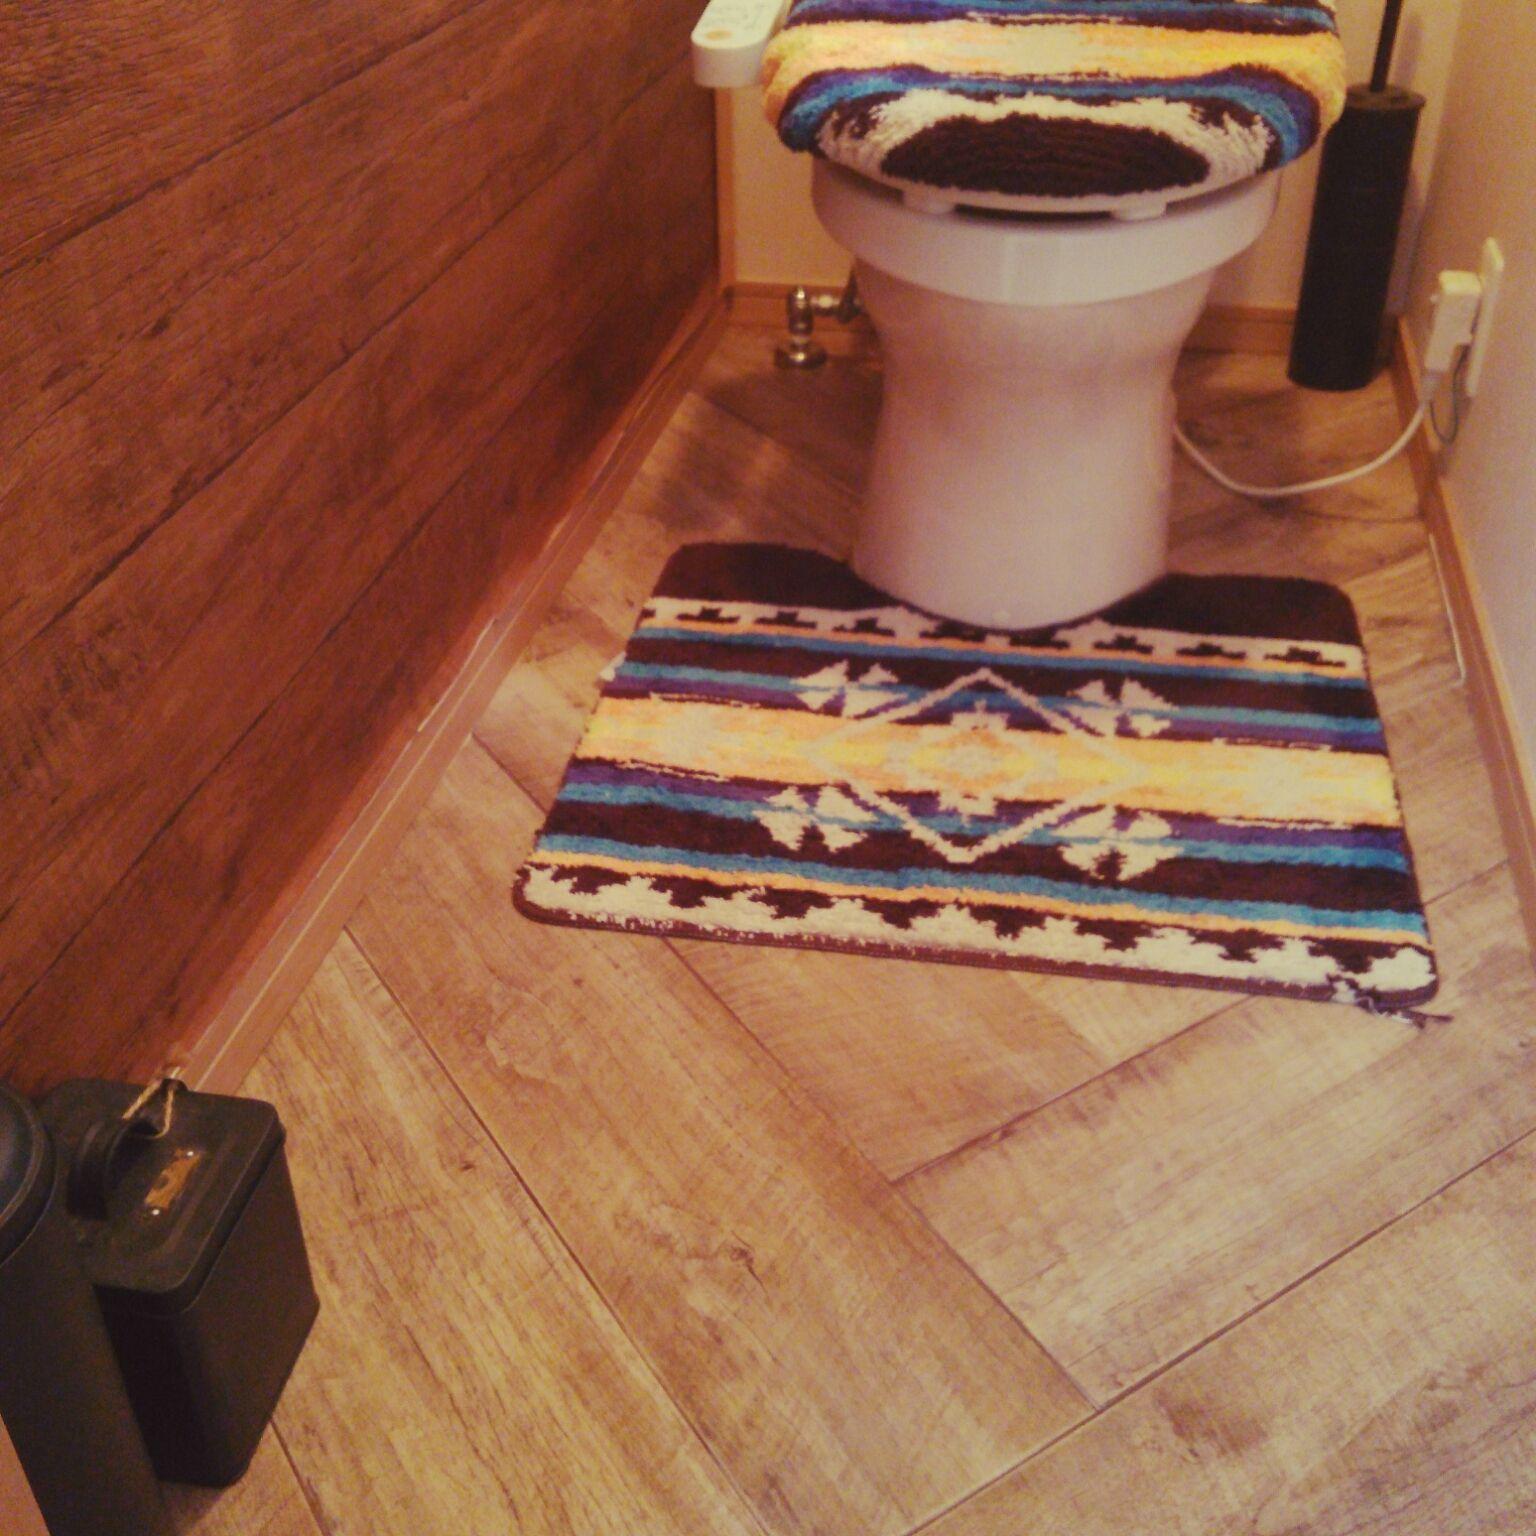 トイレの内装は、家の中でも特に大事なポイント。家族はもちろん来客も使う可能性があるので、いつでも清潔におしゃれな空間を保ちたいですよね。トイレの内装を変えるときに参考になる素敵な事例を集めました。おしゃれなトイレ空間作りを楽しみましょう!